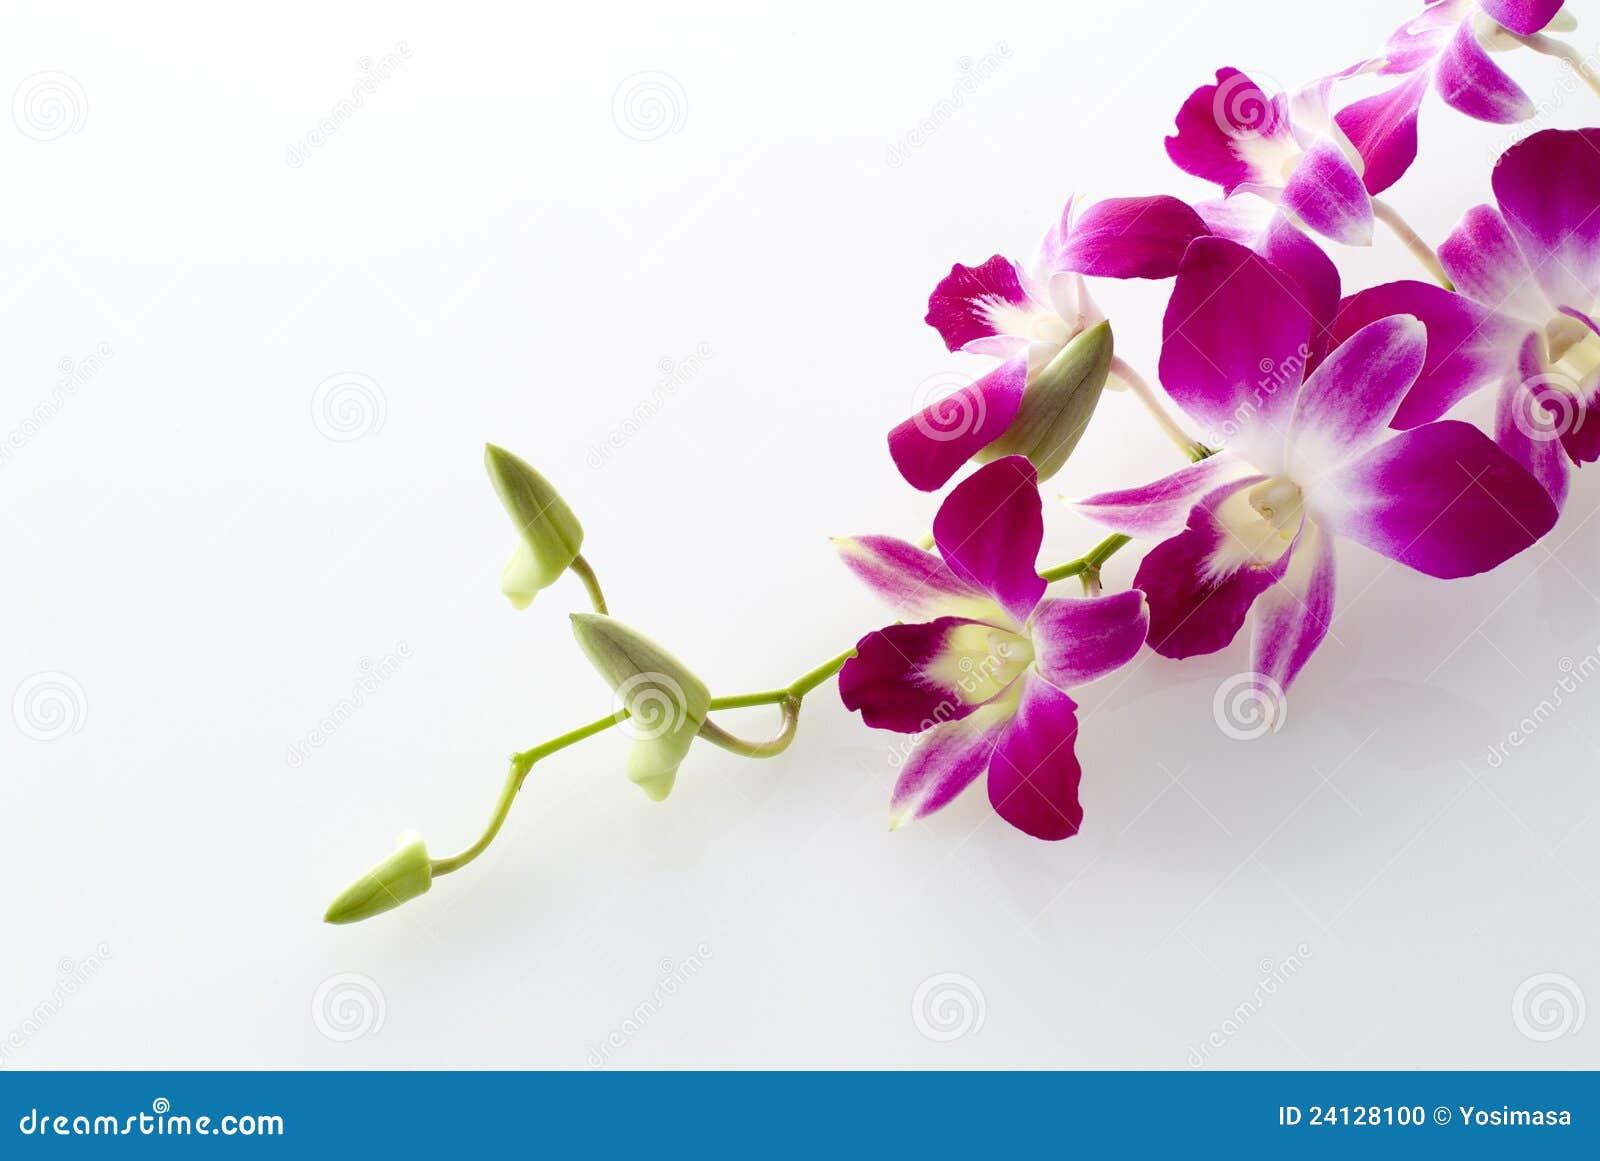 Orquídea en el fondo blanco